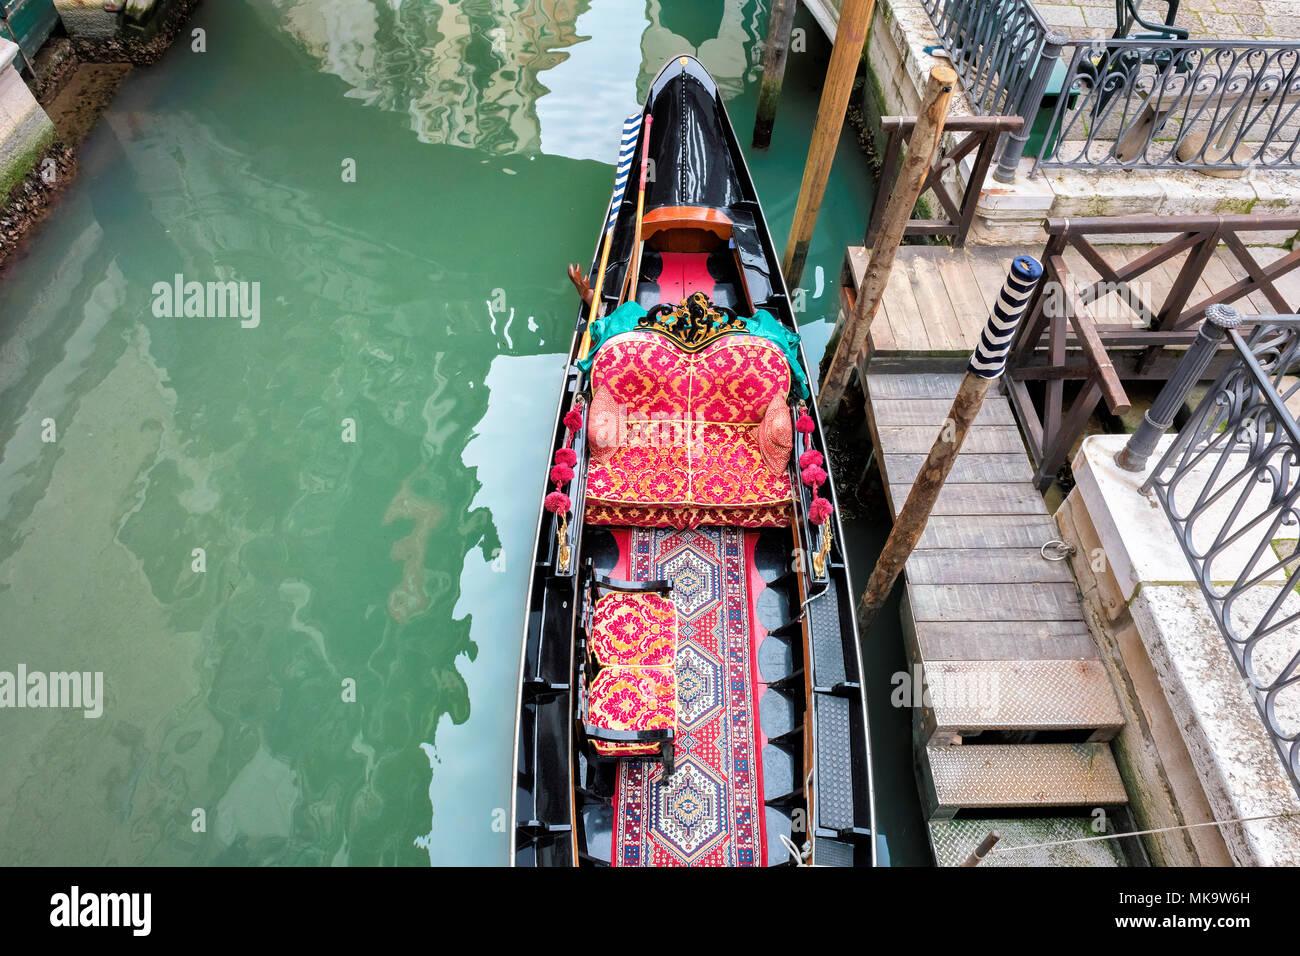 Venedig Landschaft. Venezianischen Kanal mit Gondel in Venedig, Italien. Stockbild